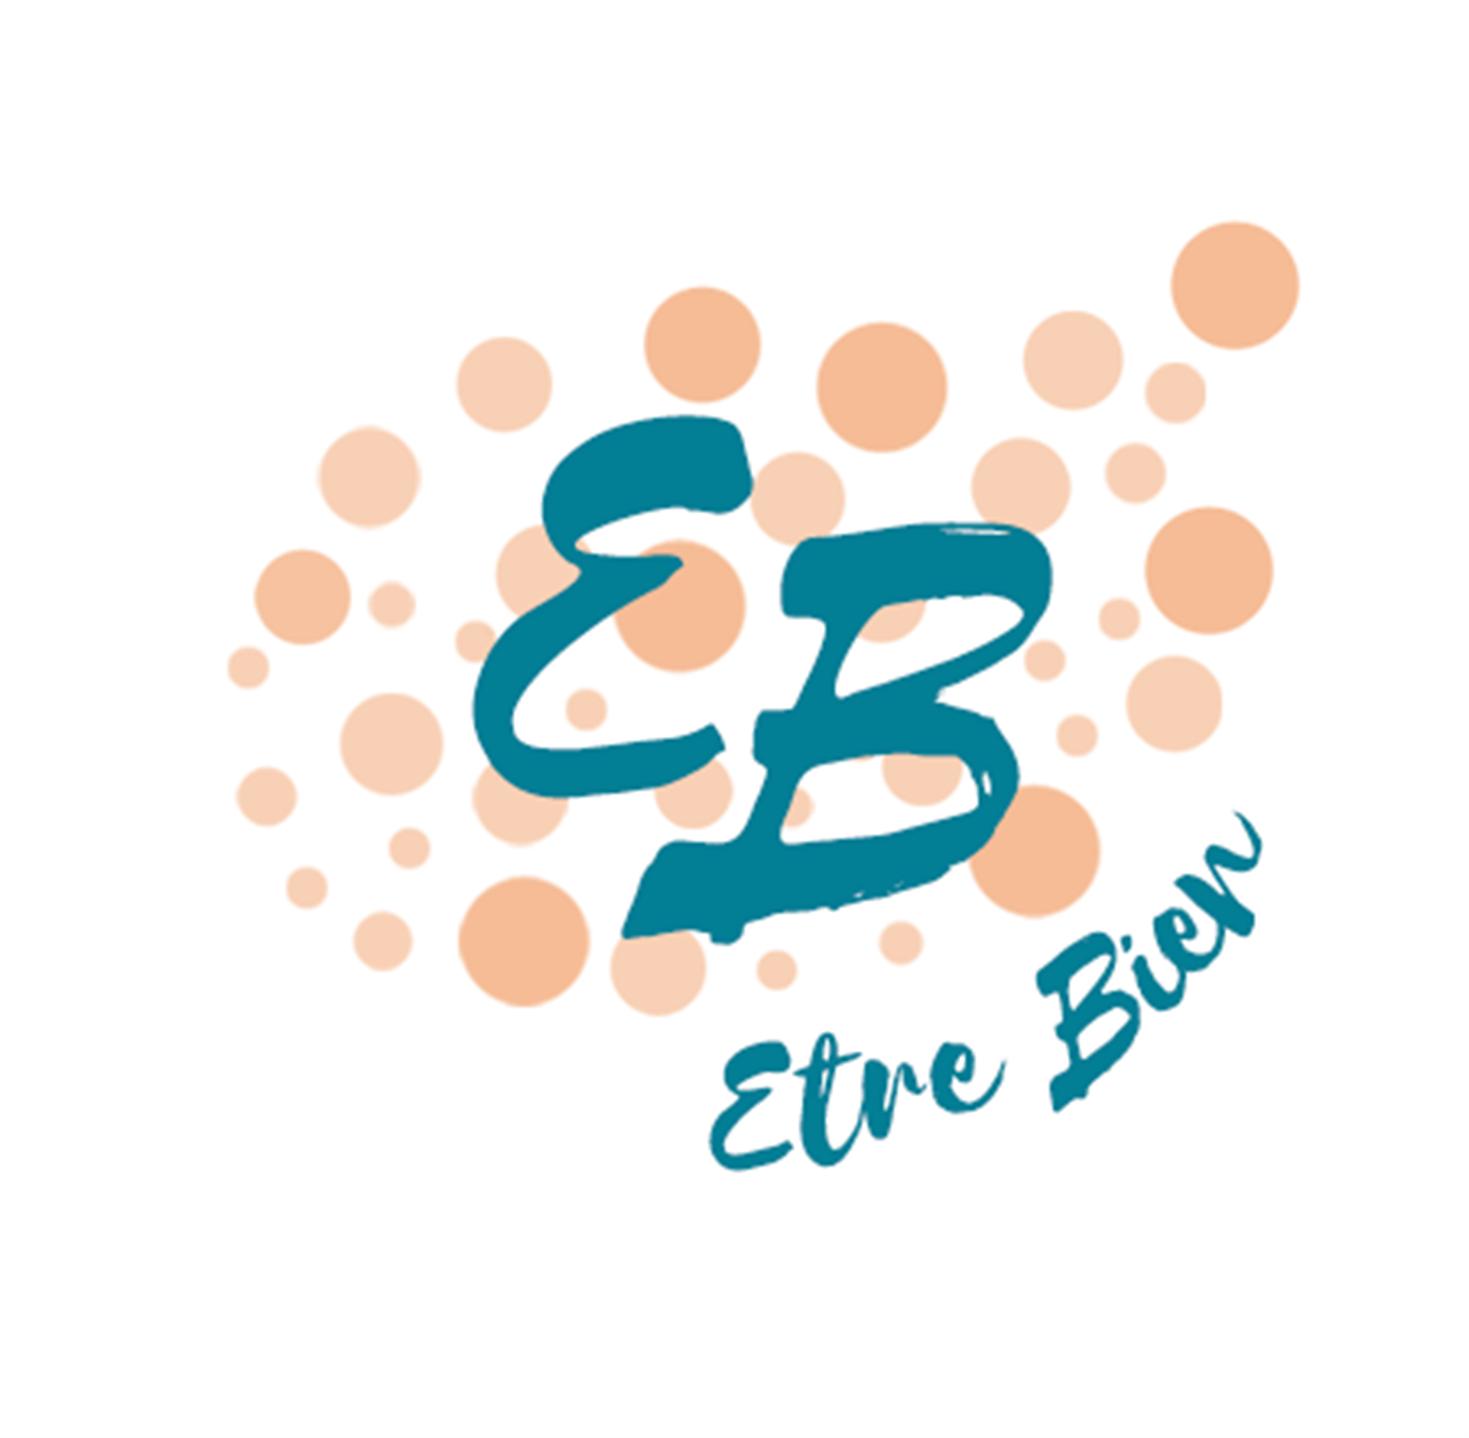 Emmanuelle Bazin, Etre Bien, toxicologue en santé globale, kinésiologie, bio-énergie et massage à Rennes